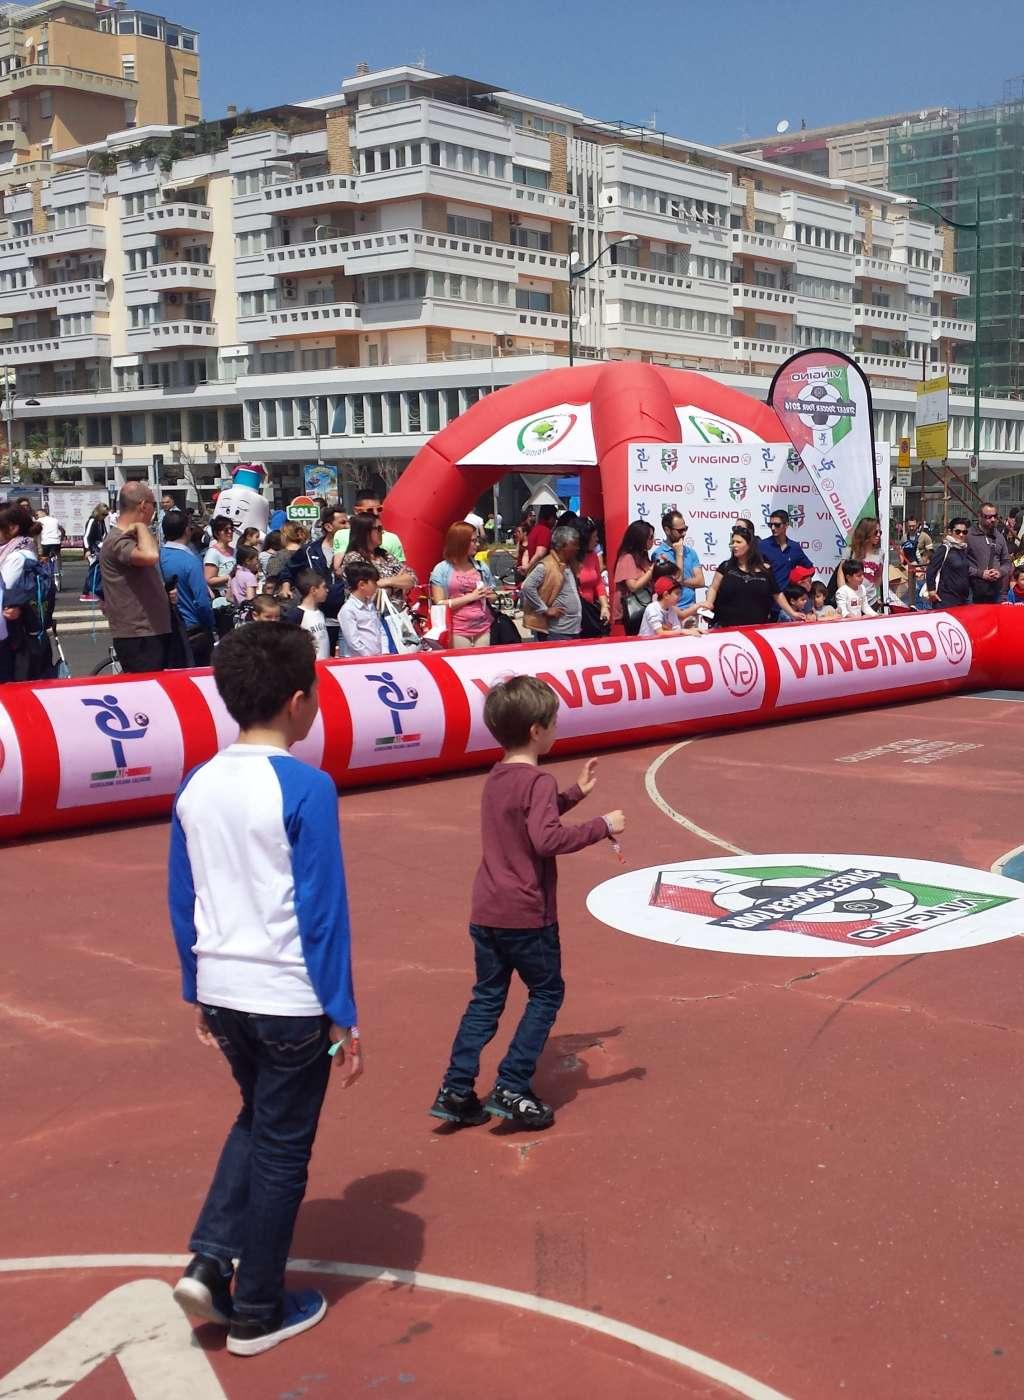 Street Soccer Tour AIC Associazione Italiana Calciatori